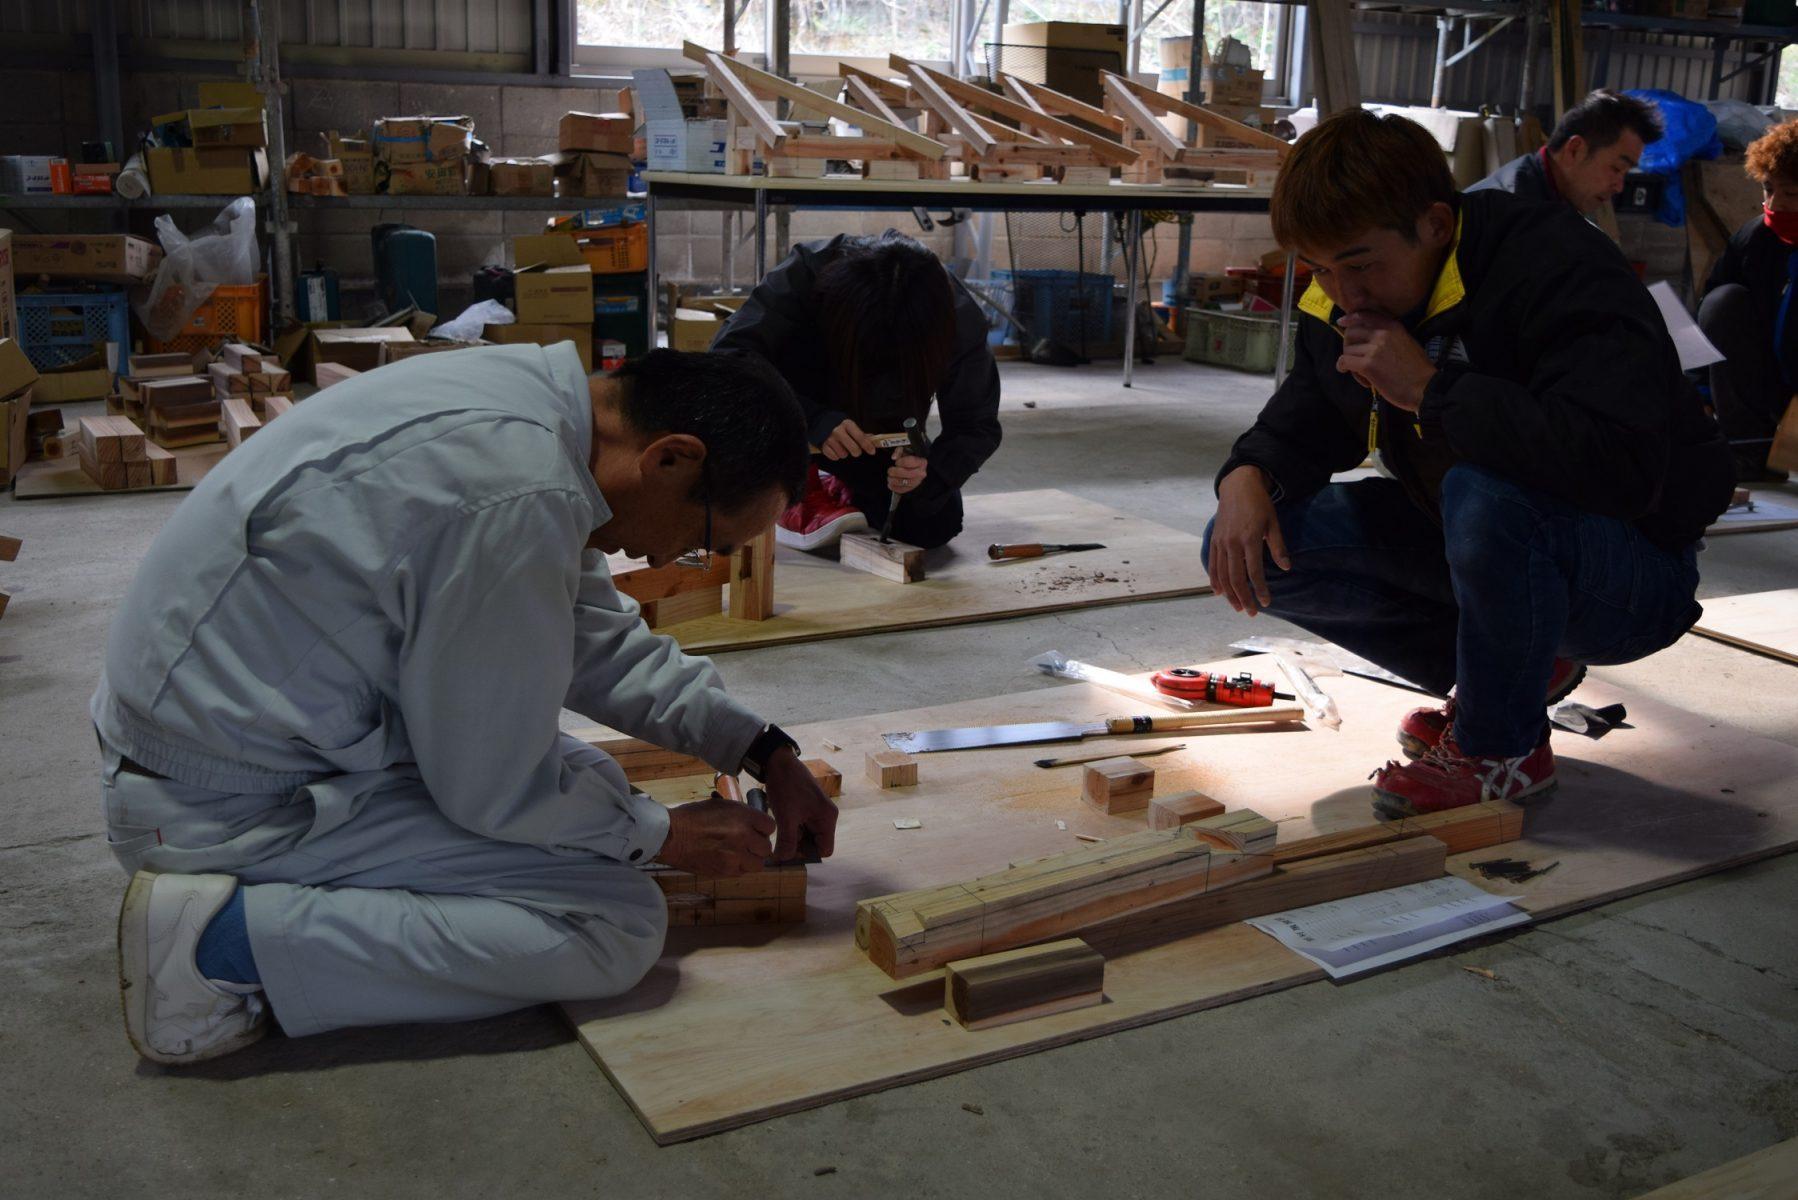 ものづくりマイスターの林田氏(左)の実演から技術を学ぶ、朝日I&Rワークスの若手社員